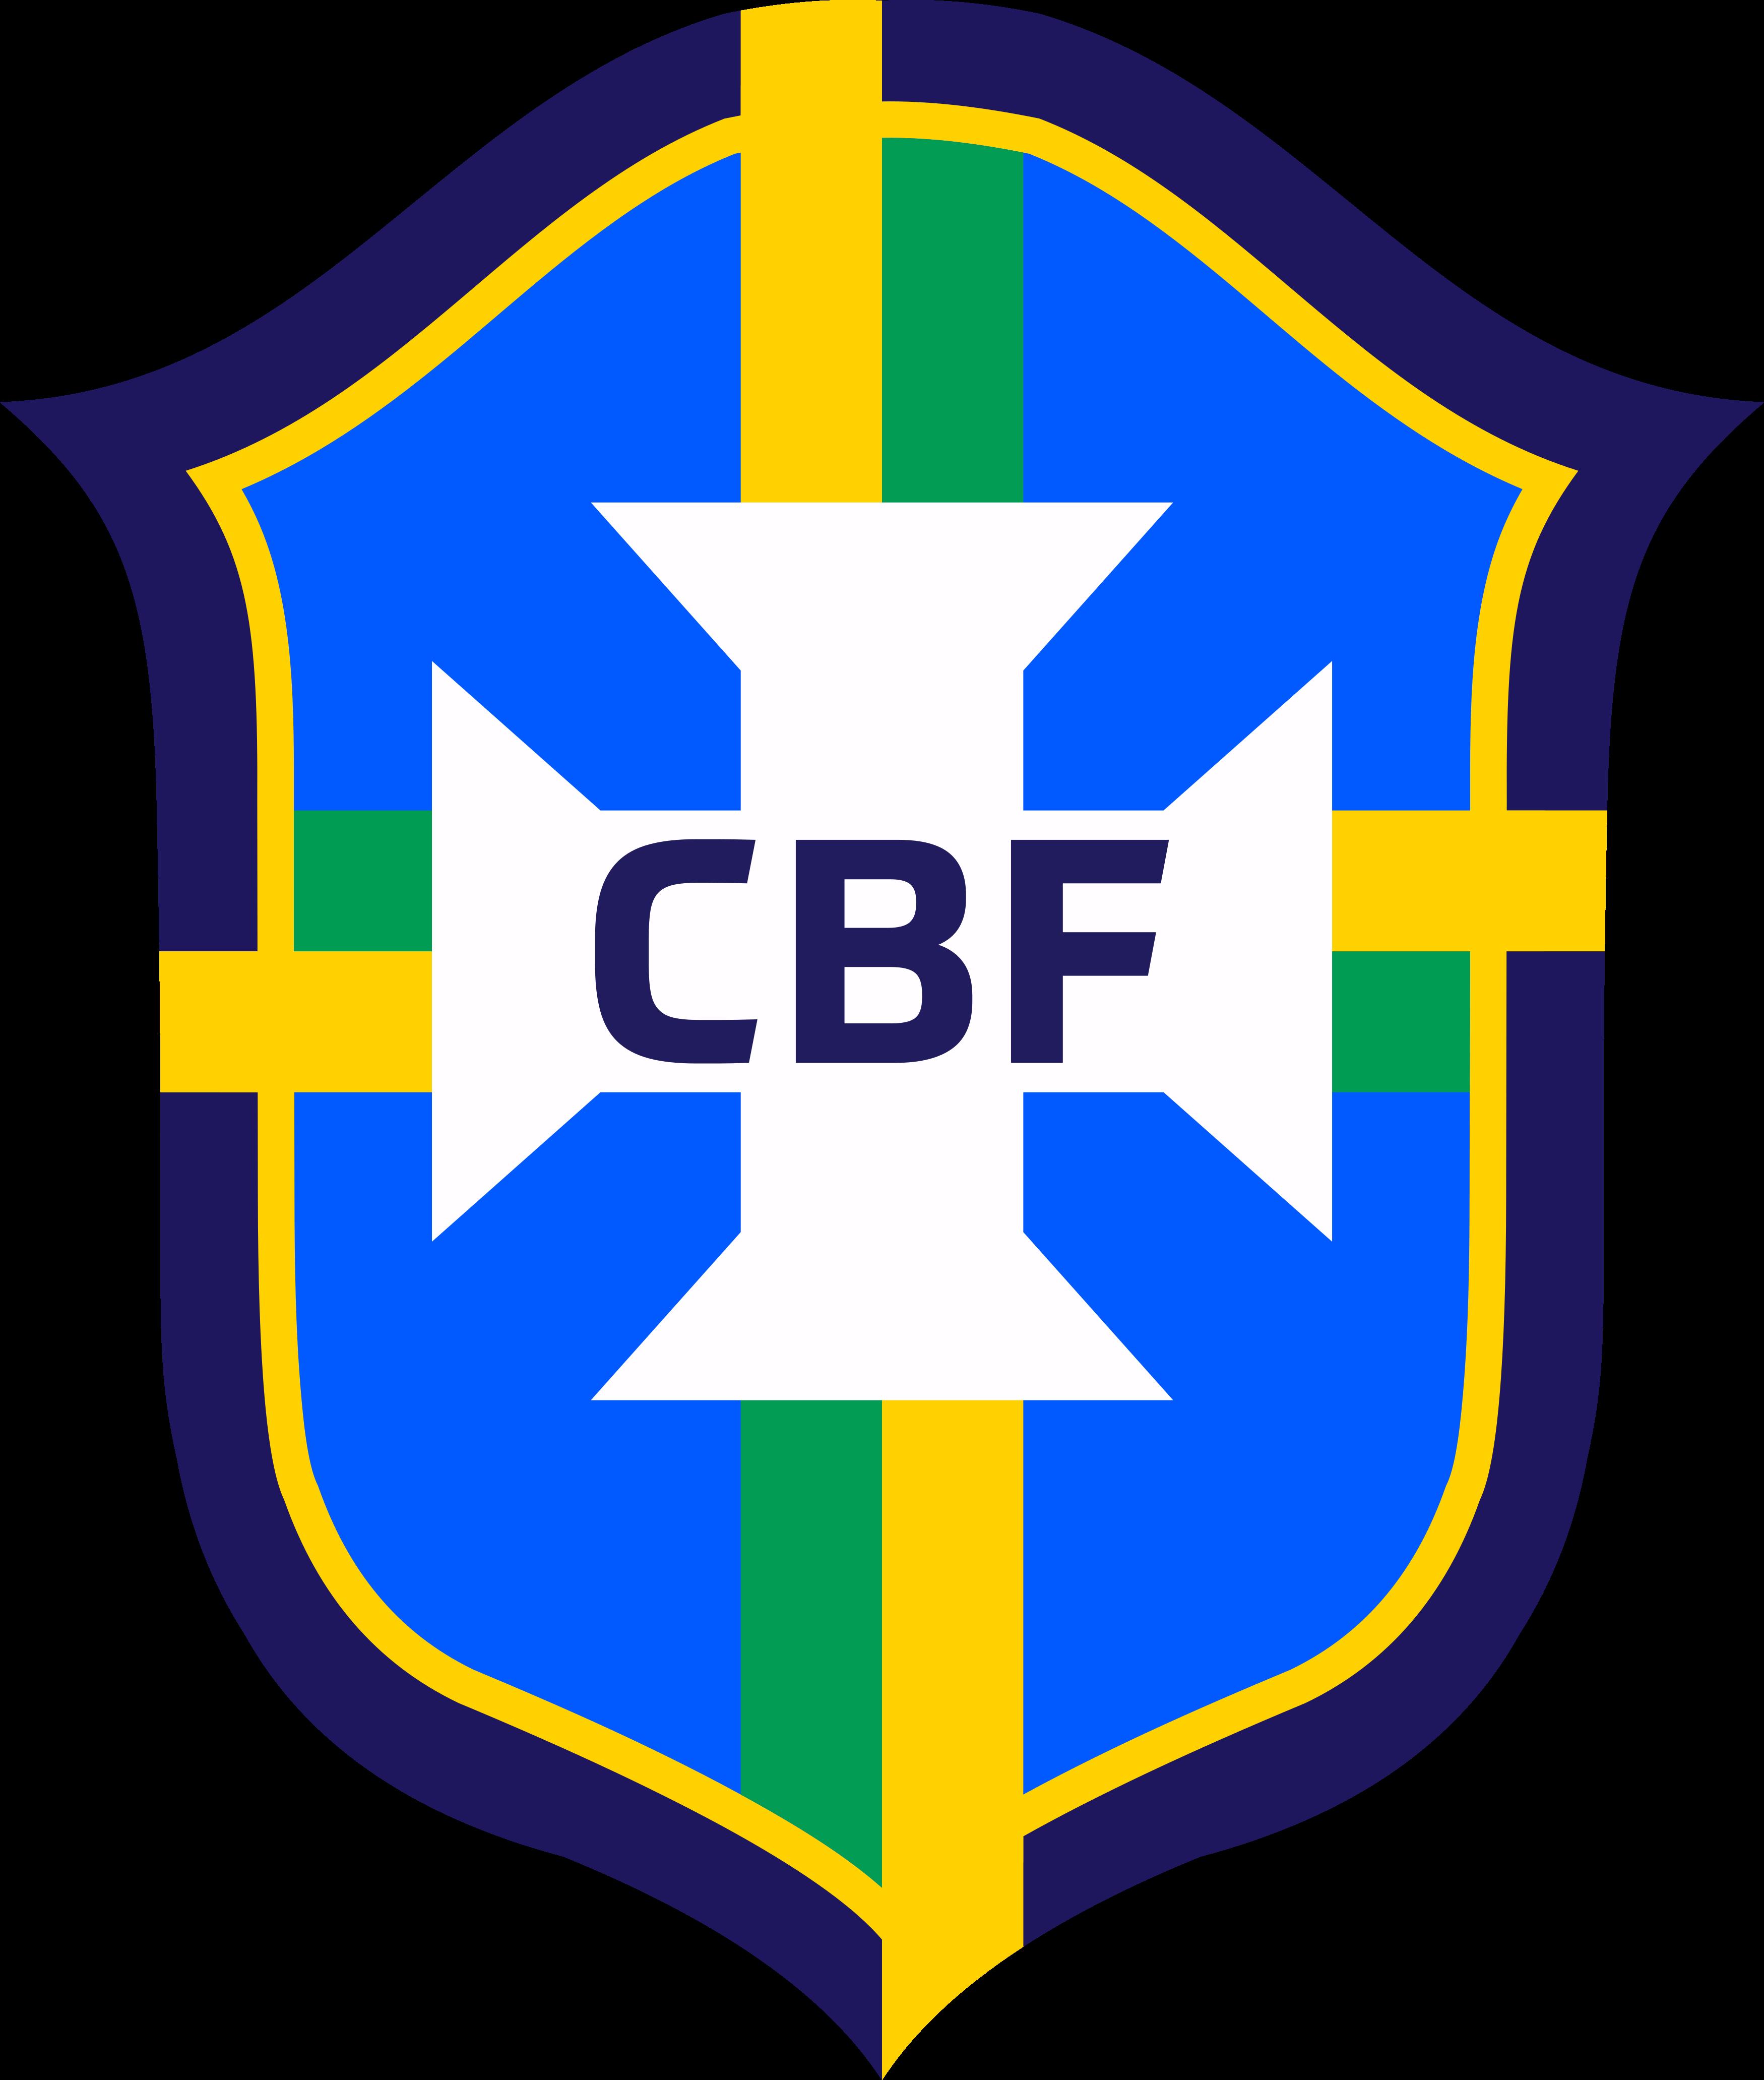 cbf logo selecao logo brasil 2 - CBF Logo - Confederação Brasileira de Futebol Logo